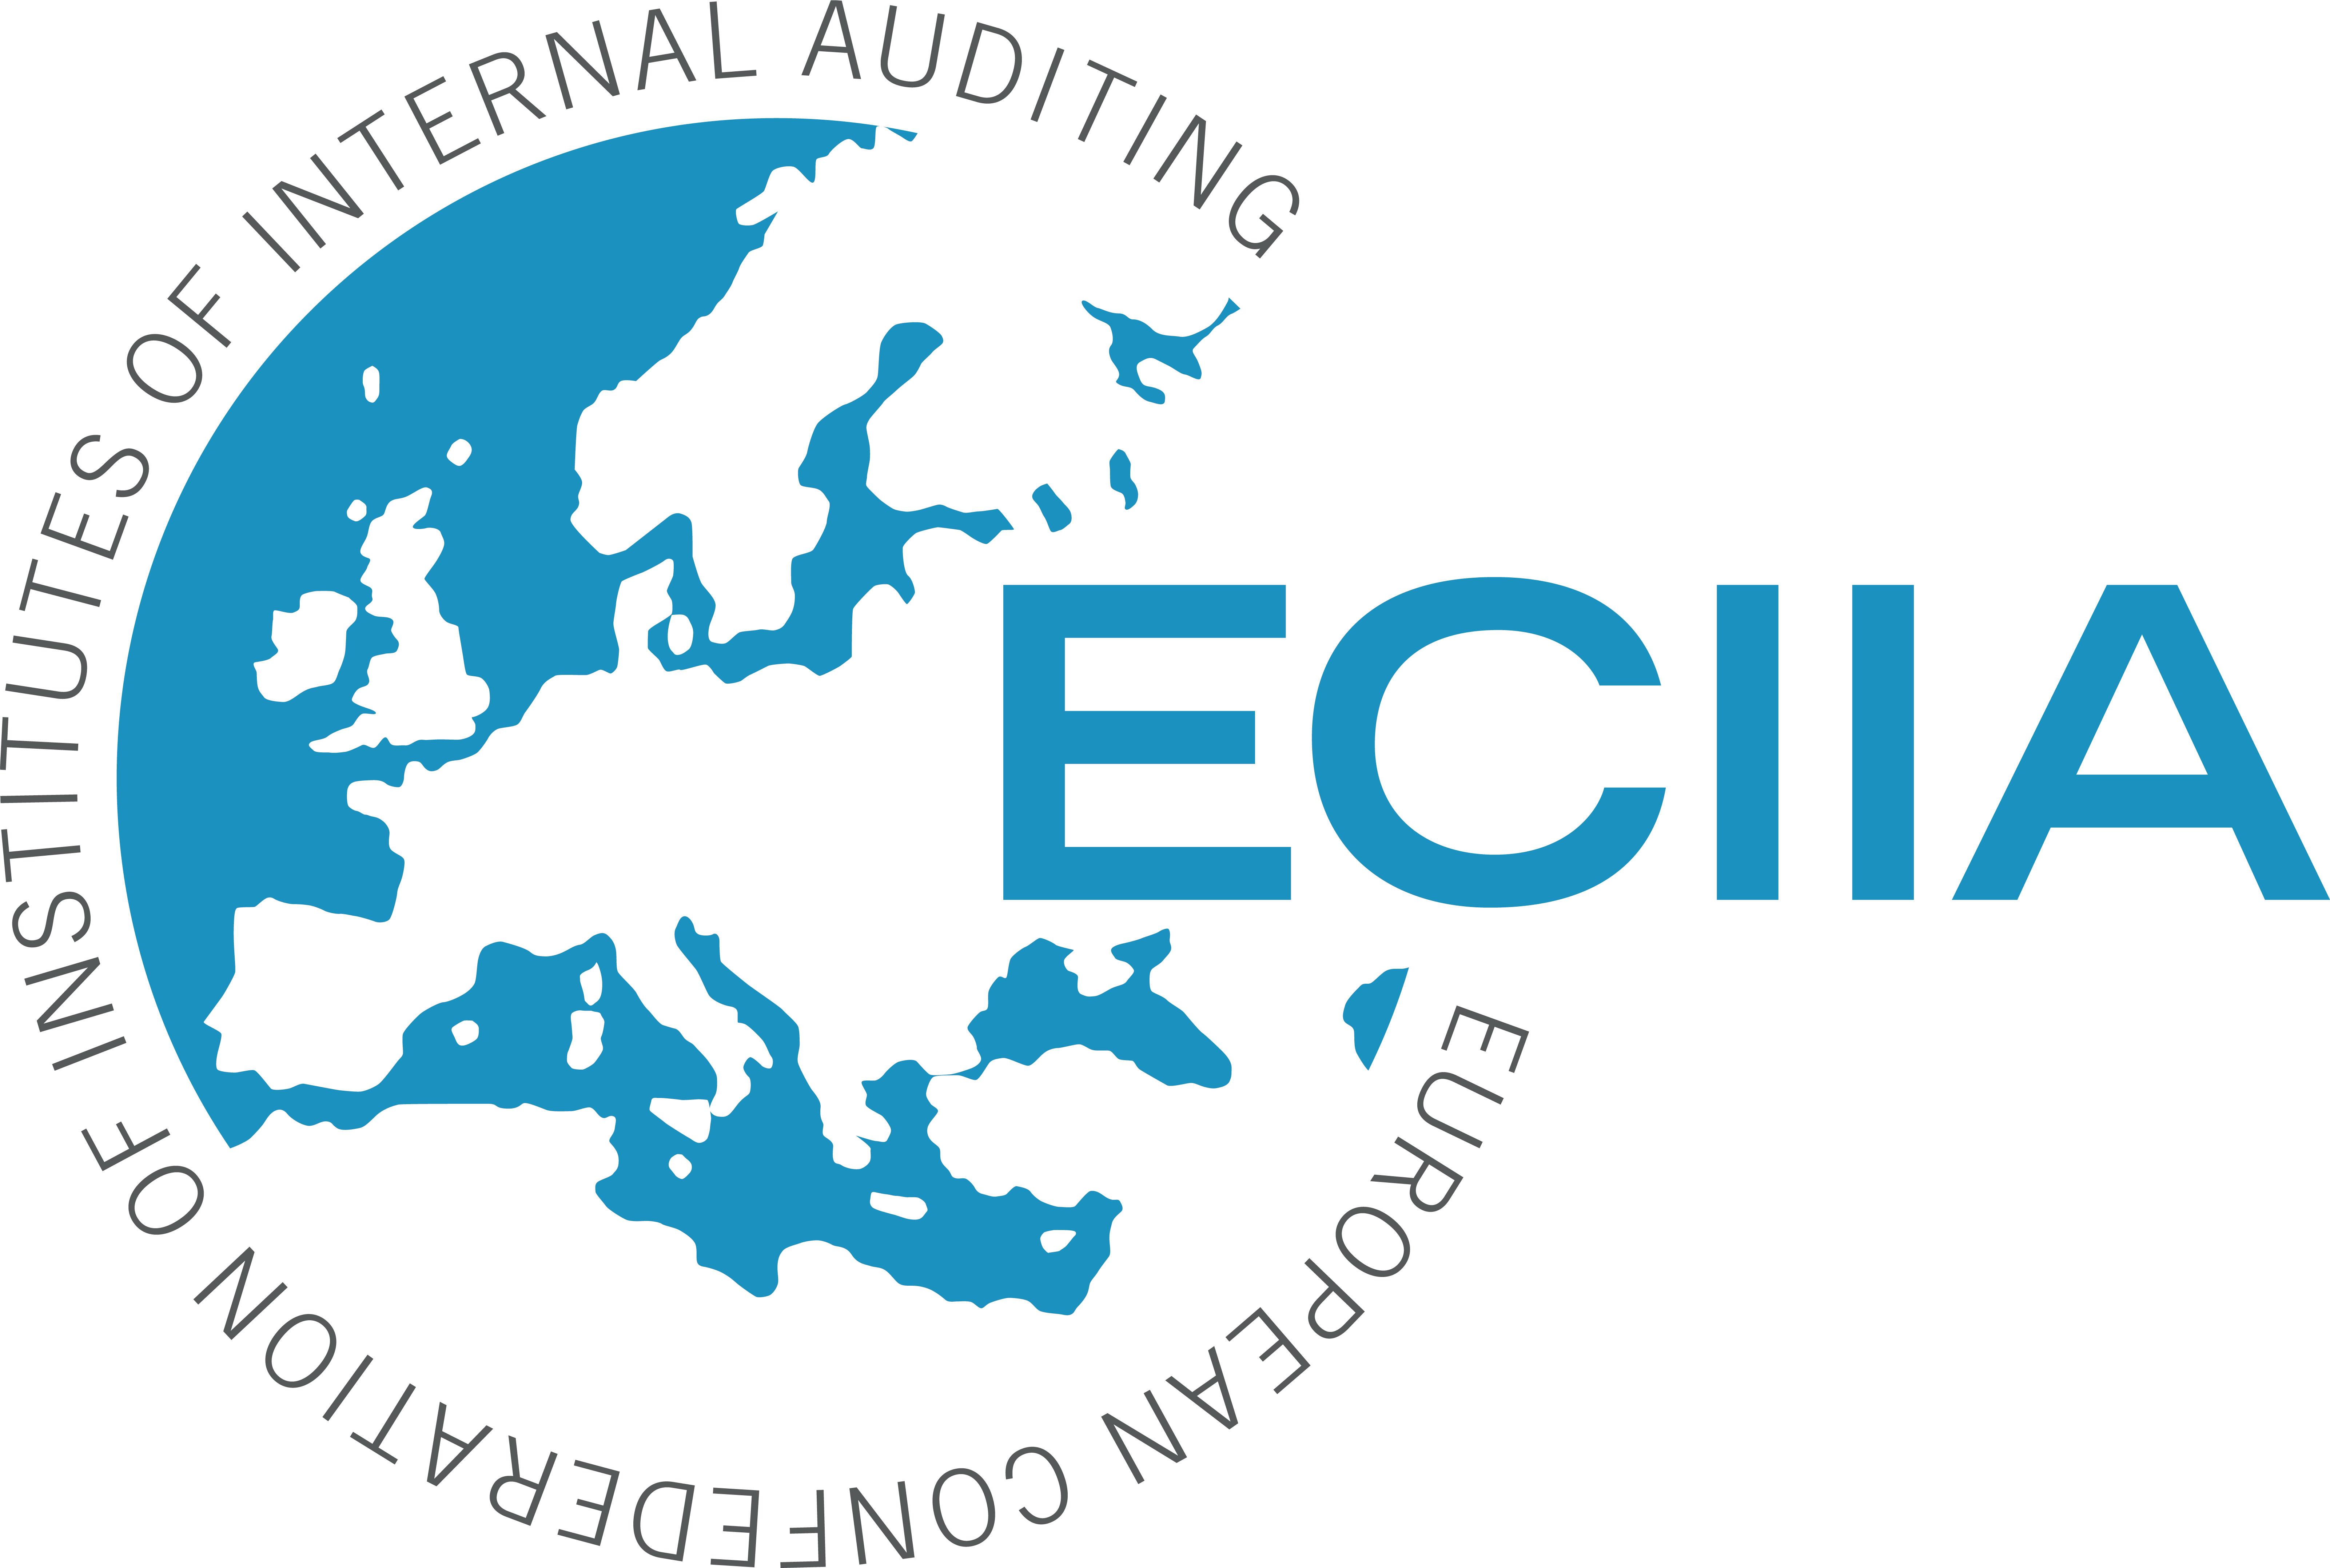 L'ECIIA prend position pour améliorer la gouvernance des banques